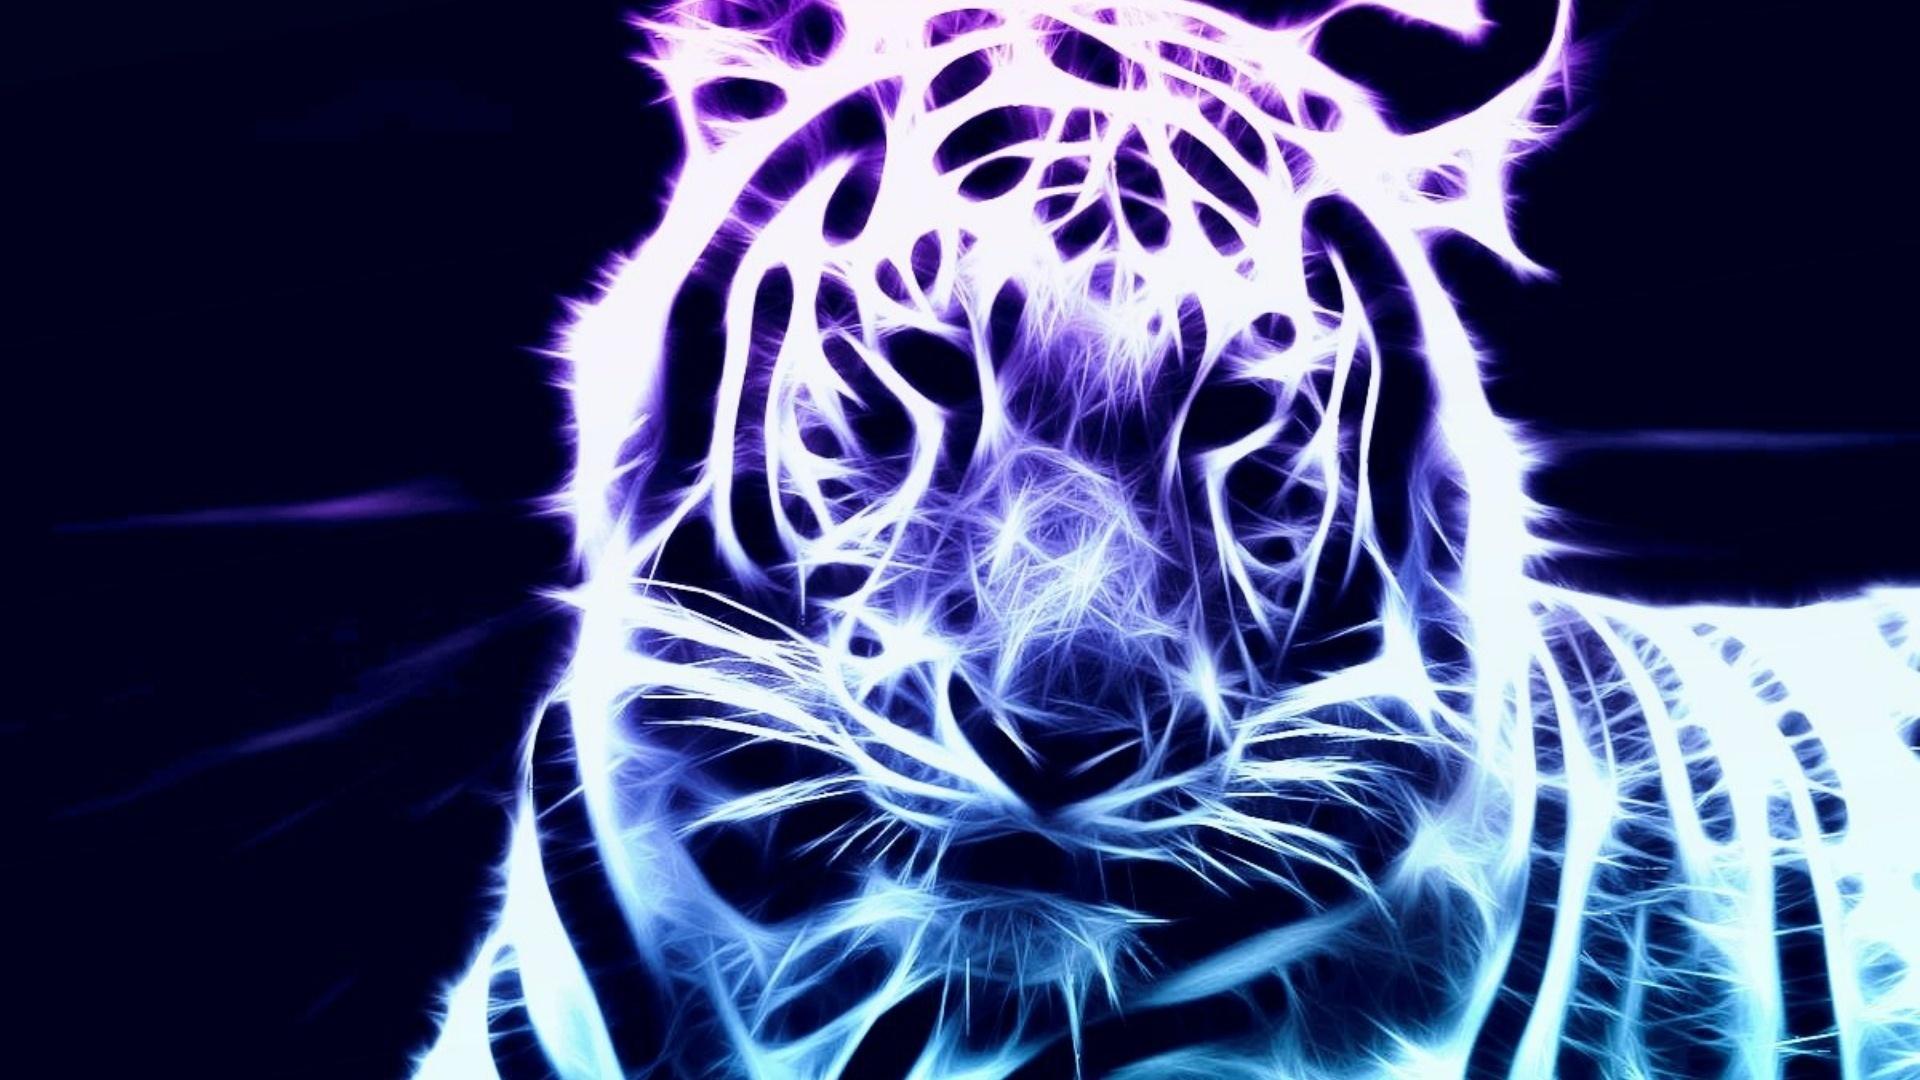 Картинки тигров на самсунг